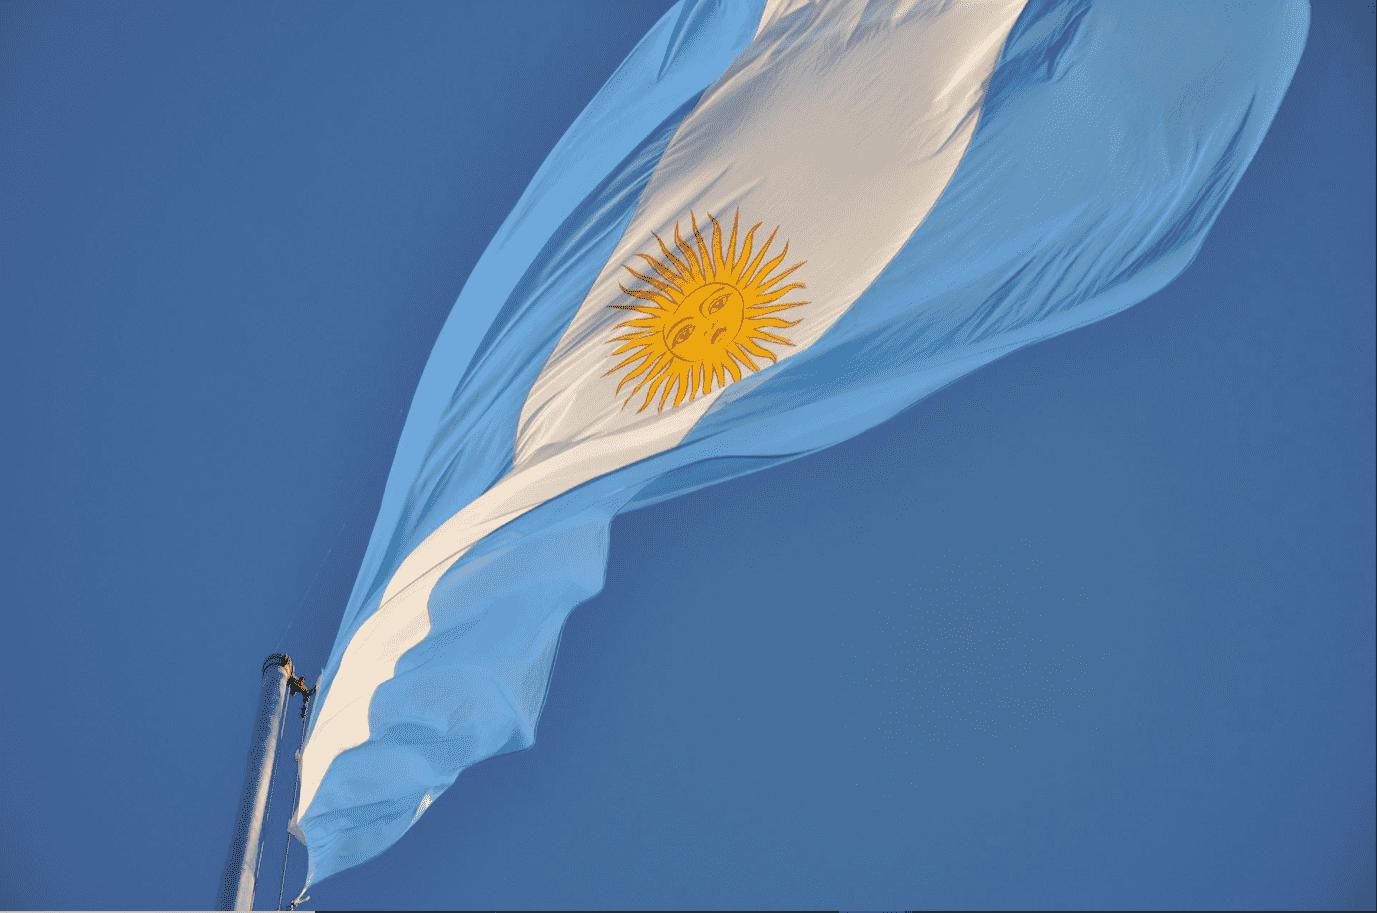 Foto mostra bandeira da Argentina tremulando